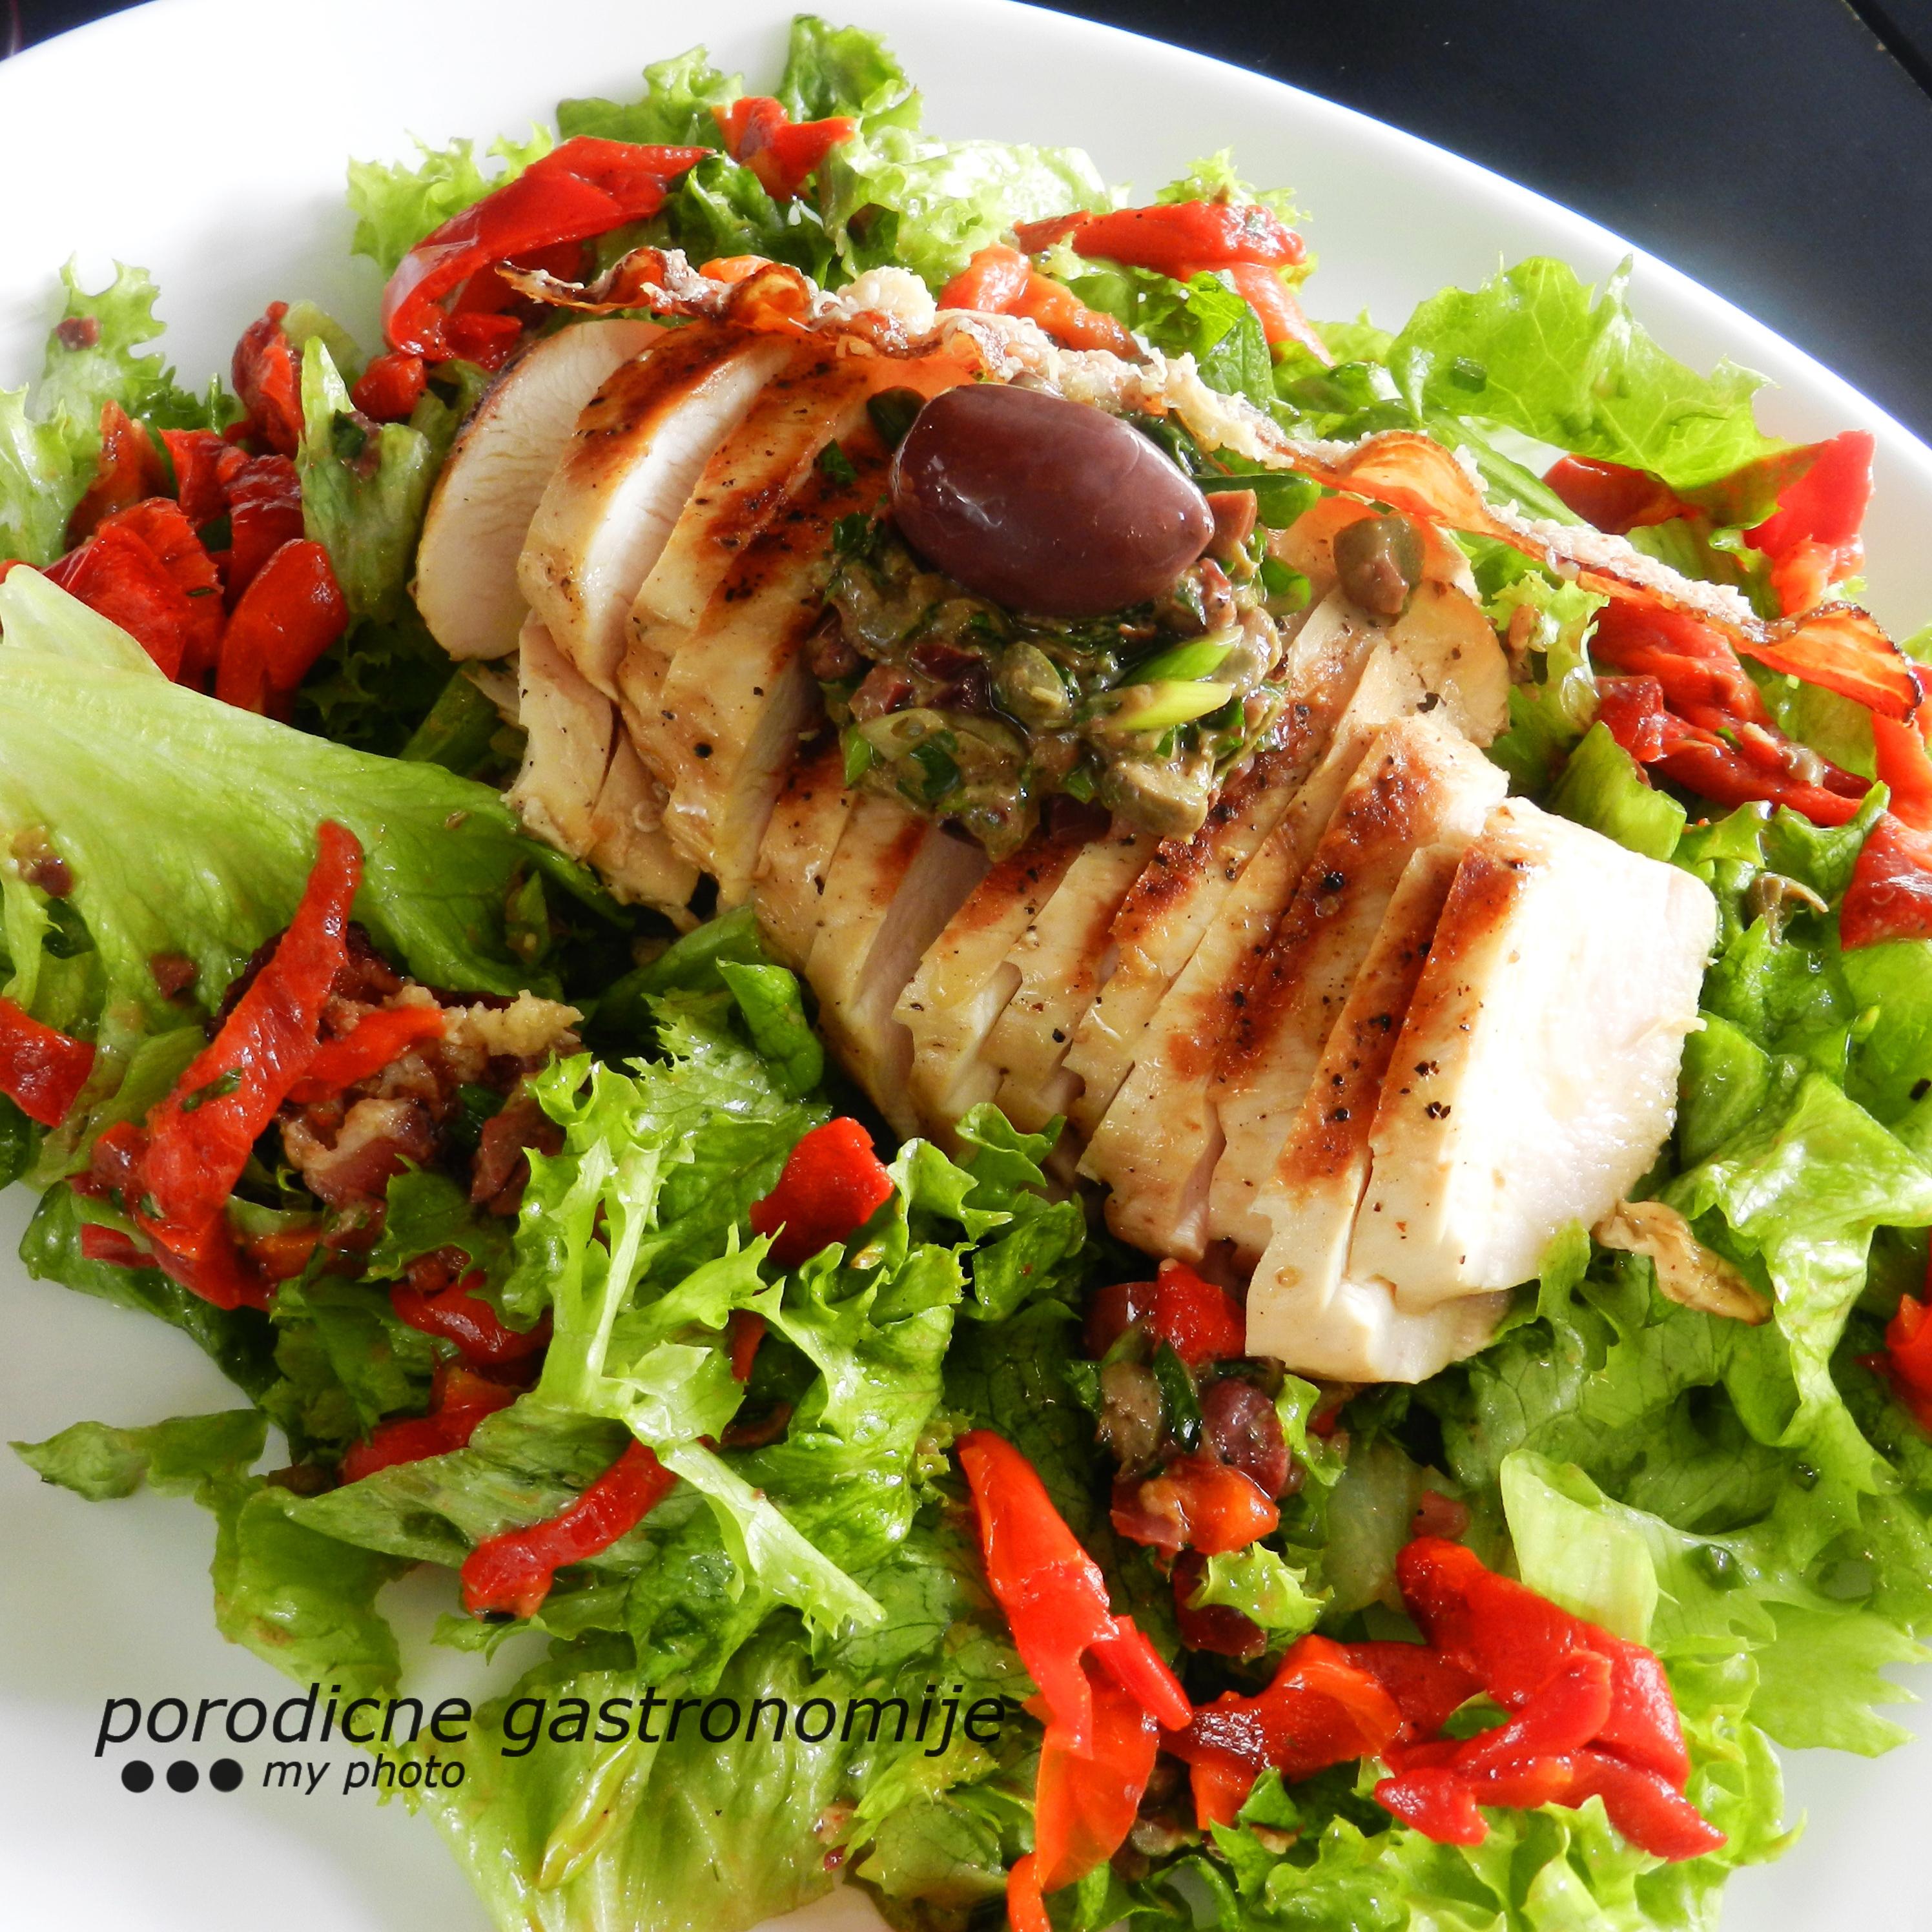 omiljena salata5 sa wm